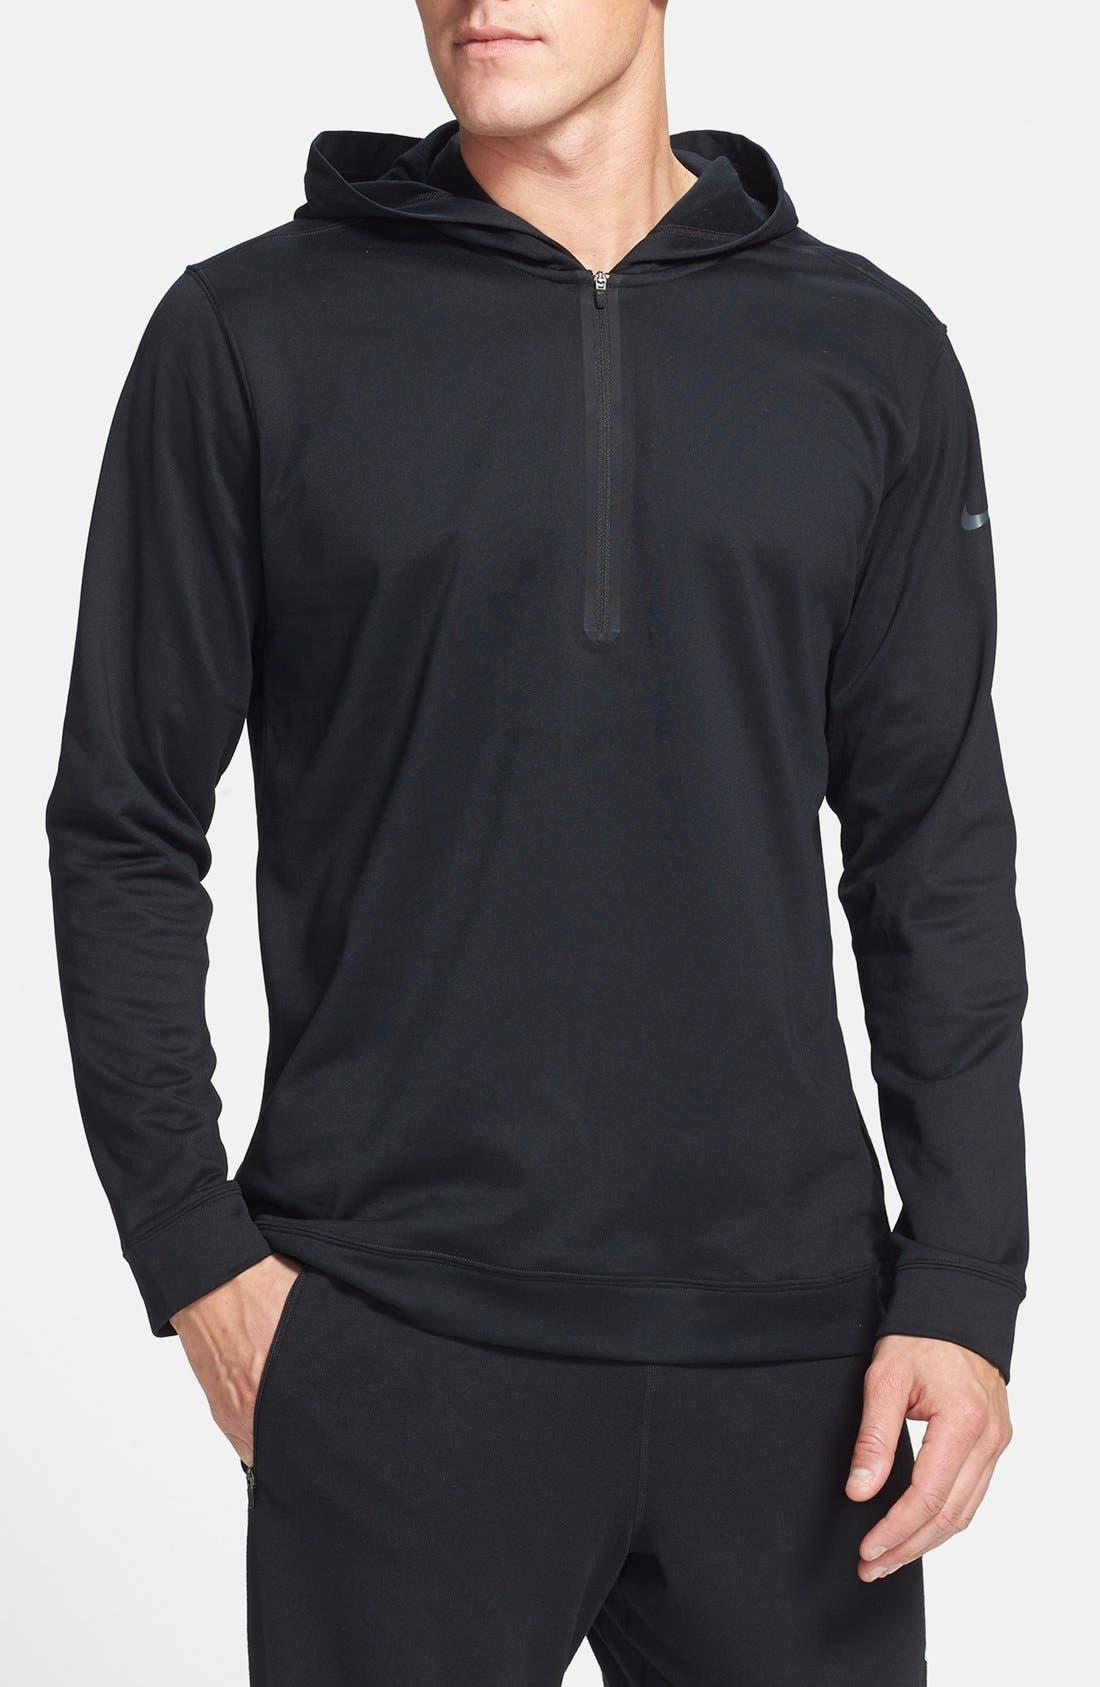 Alternate Image 1 Selected - Nike Half Zip Dri-FIT Hoodie